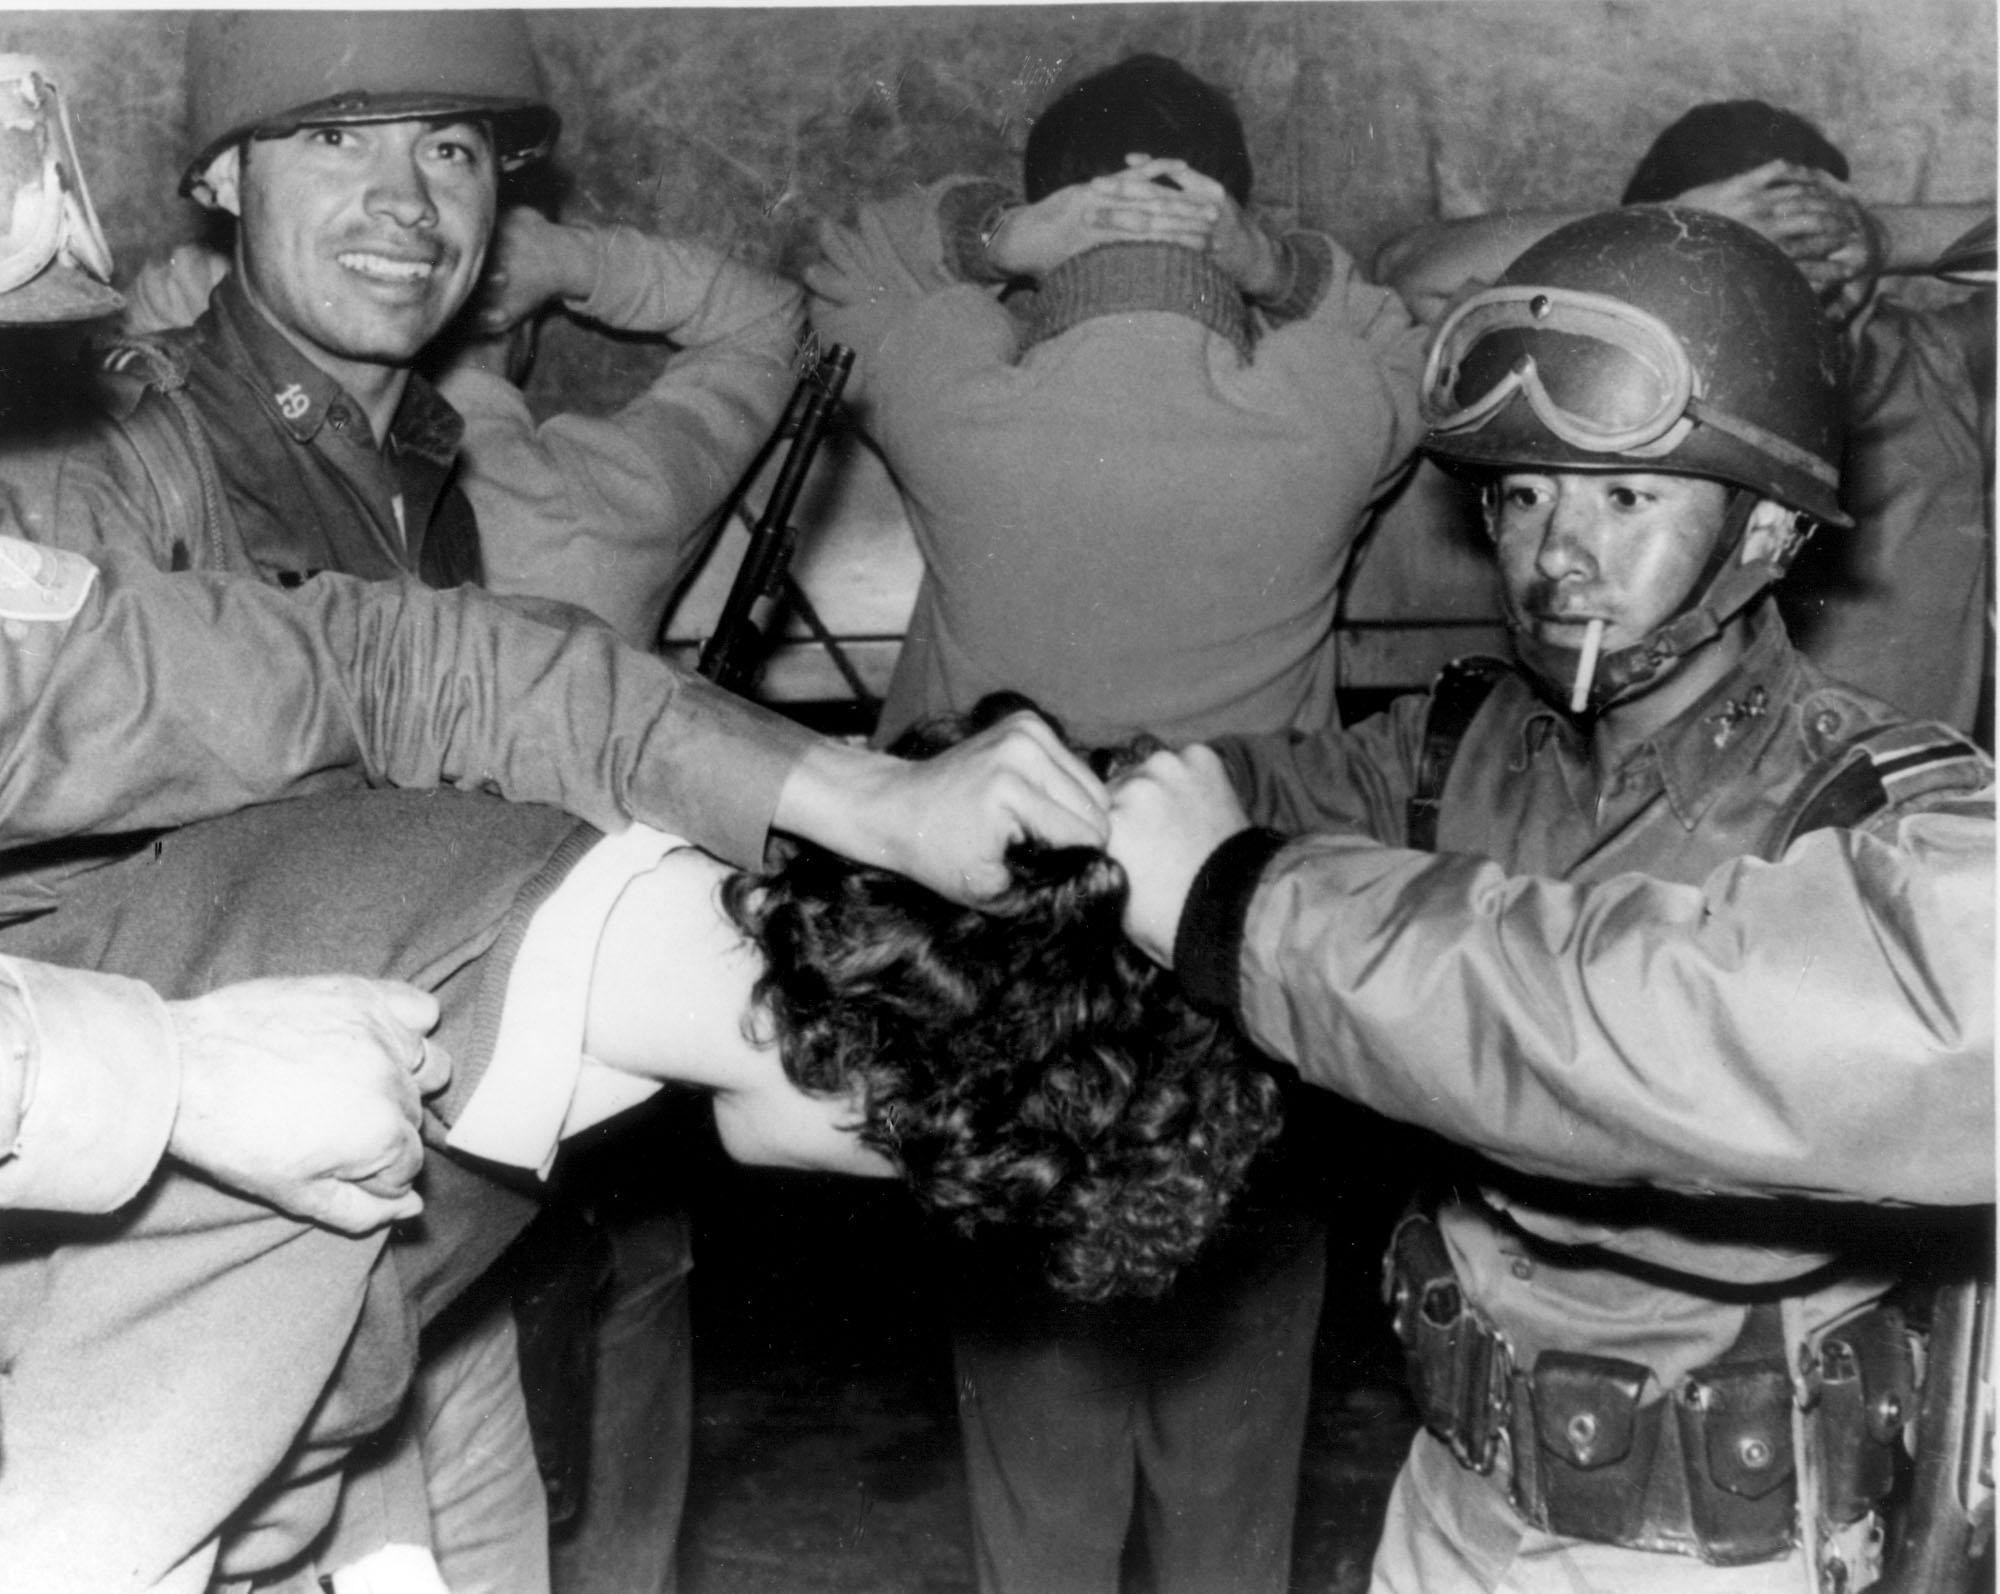 Soldados jalan del cabello a estudiante. 3 de octubre de 1968 (AP-Photo)